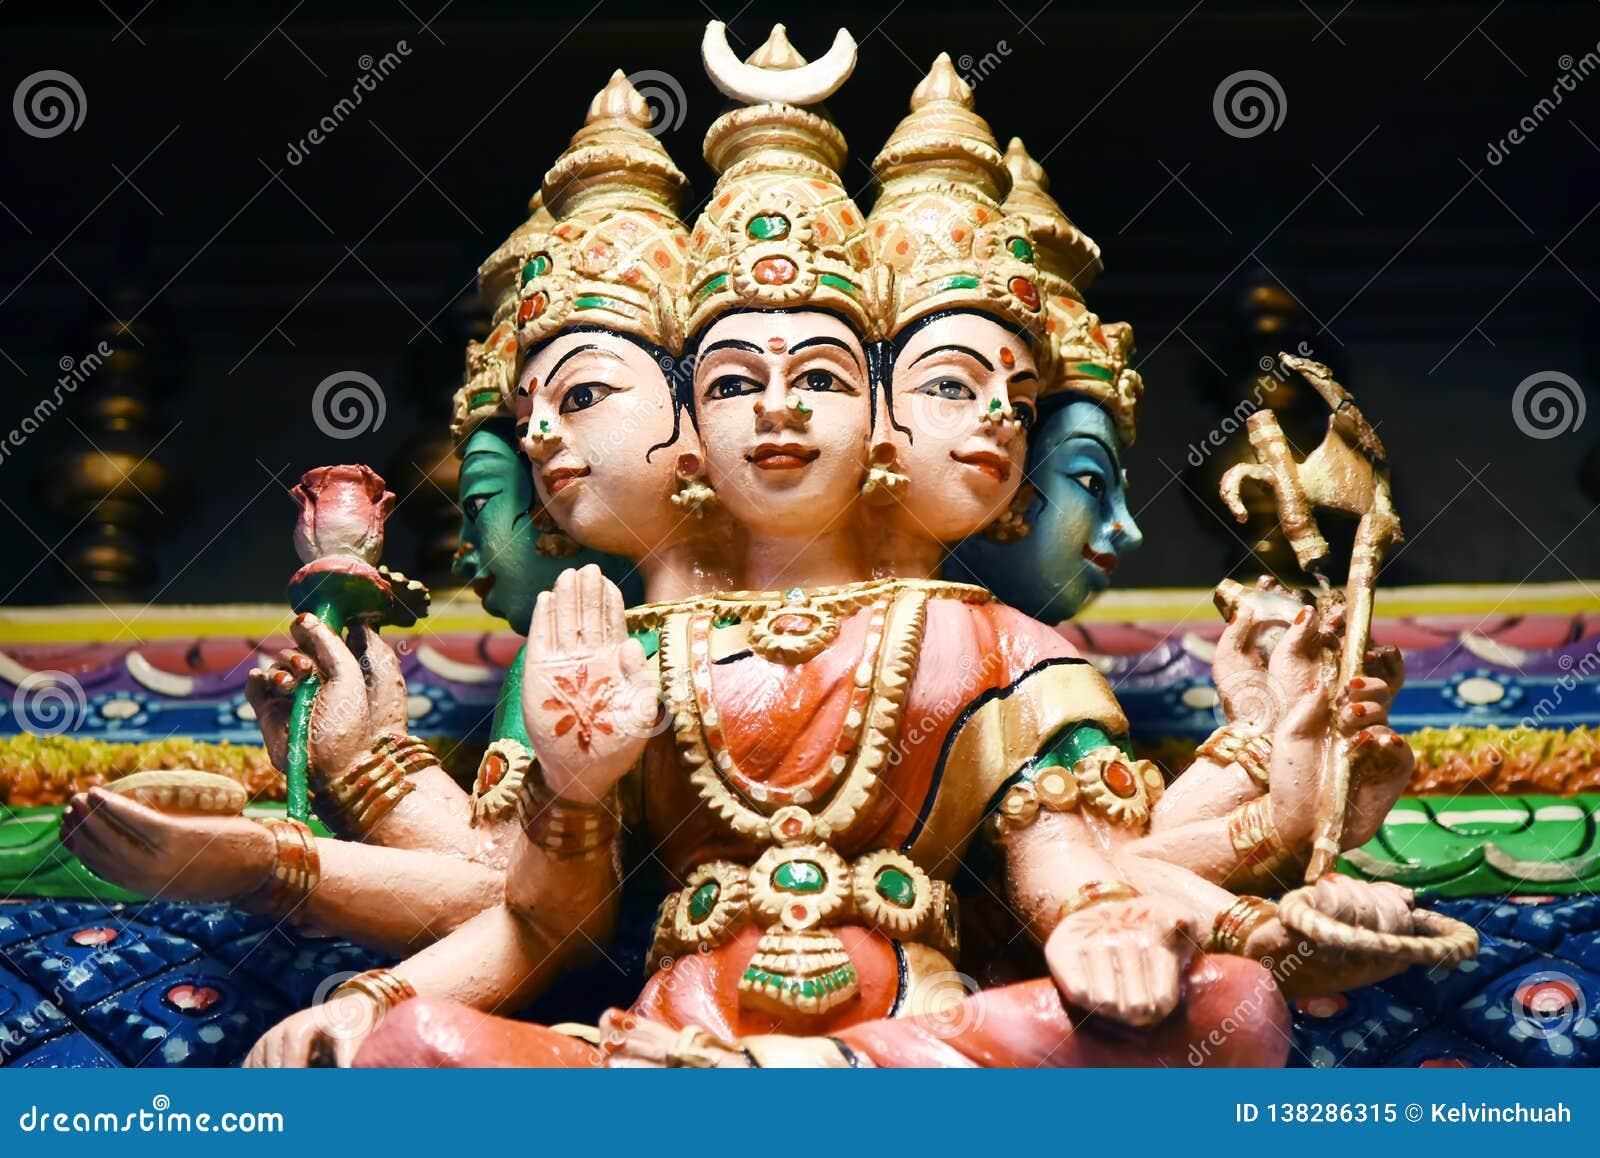 Hindu Statues at Batu Caves Kuala Lumpur Malaysia.